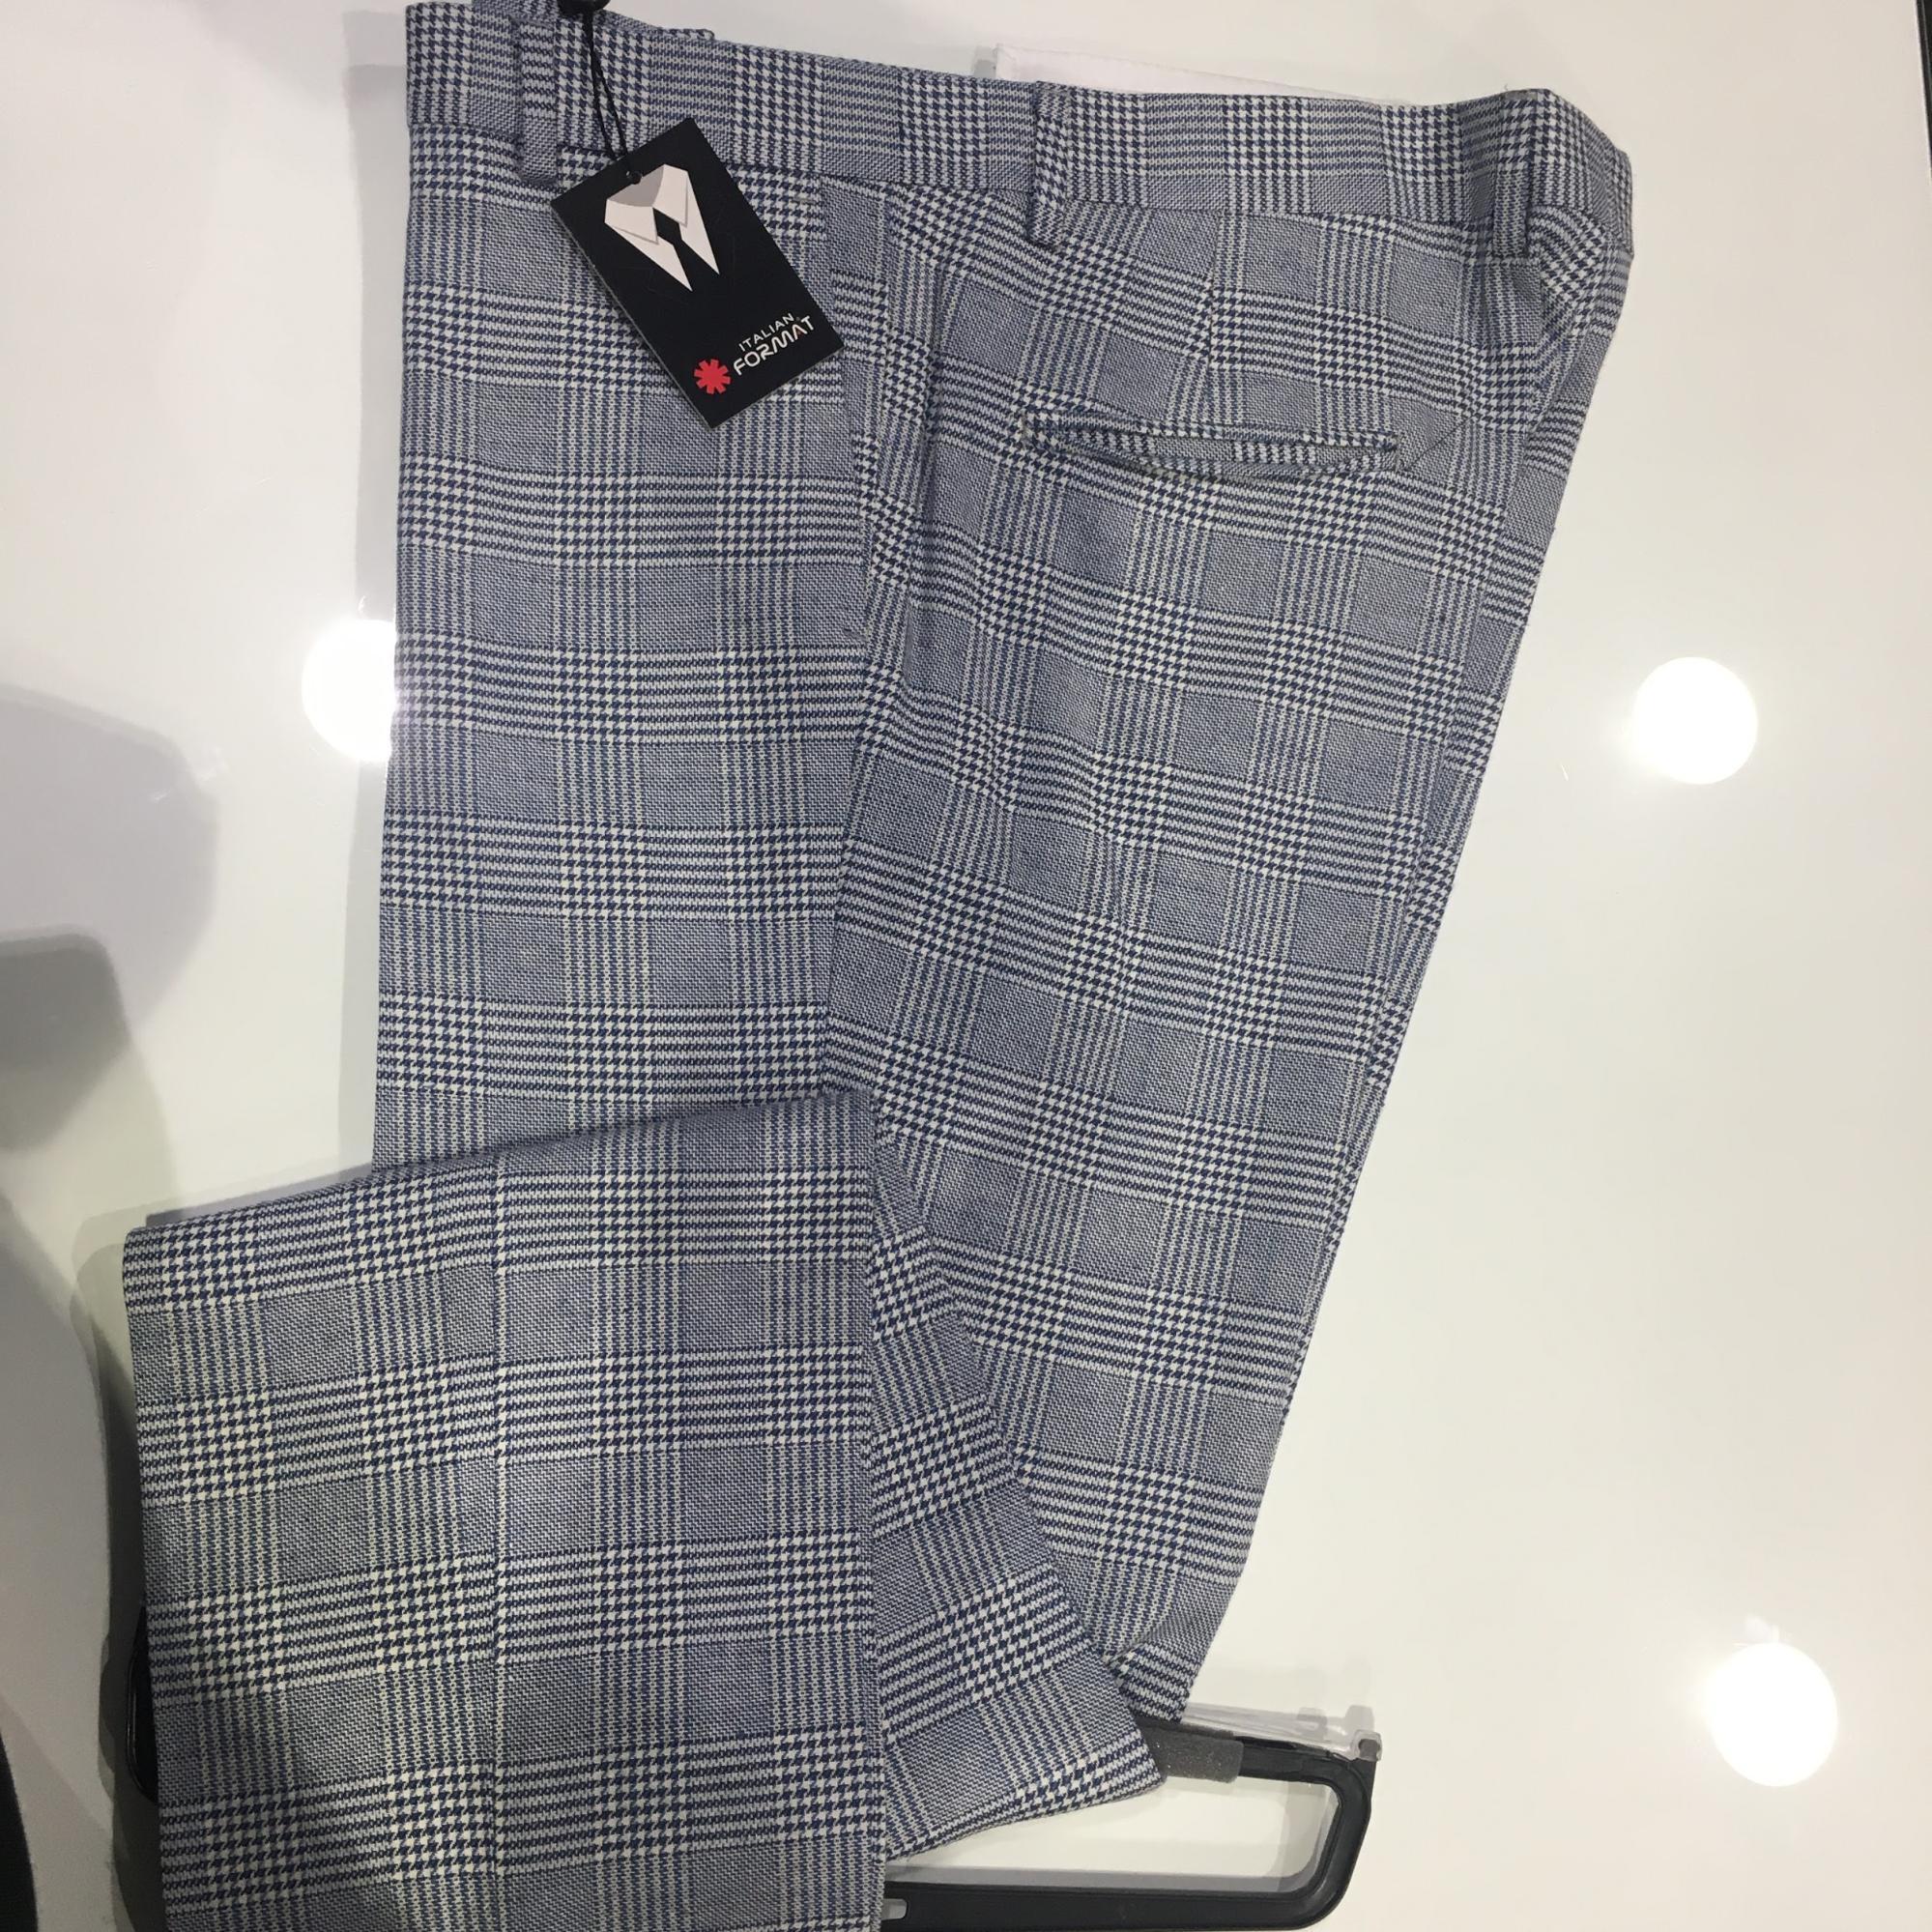 Pantalone uomo lord Galles misto lino e cotone